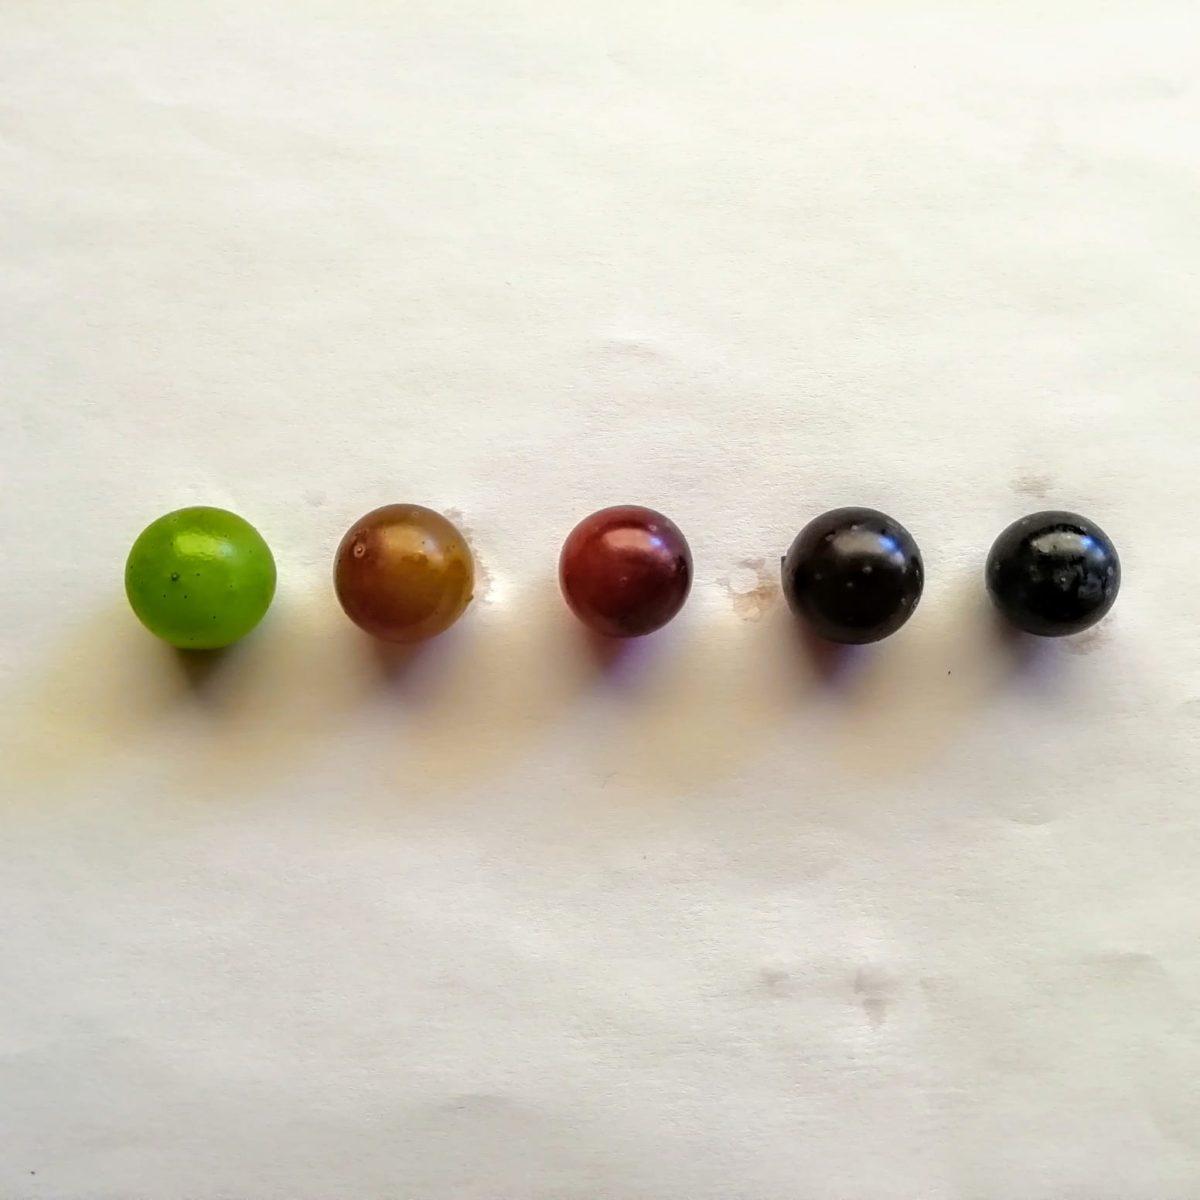 ¿Qué procesos sufren los granos de uva durante el envero?